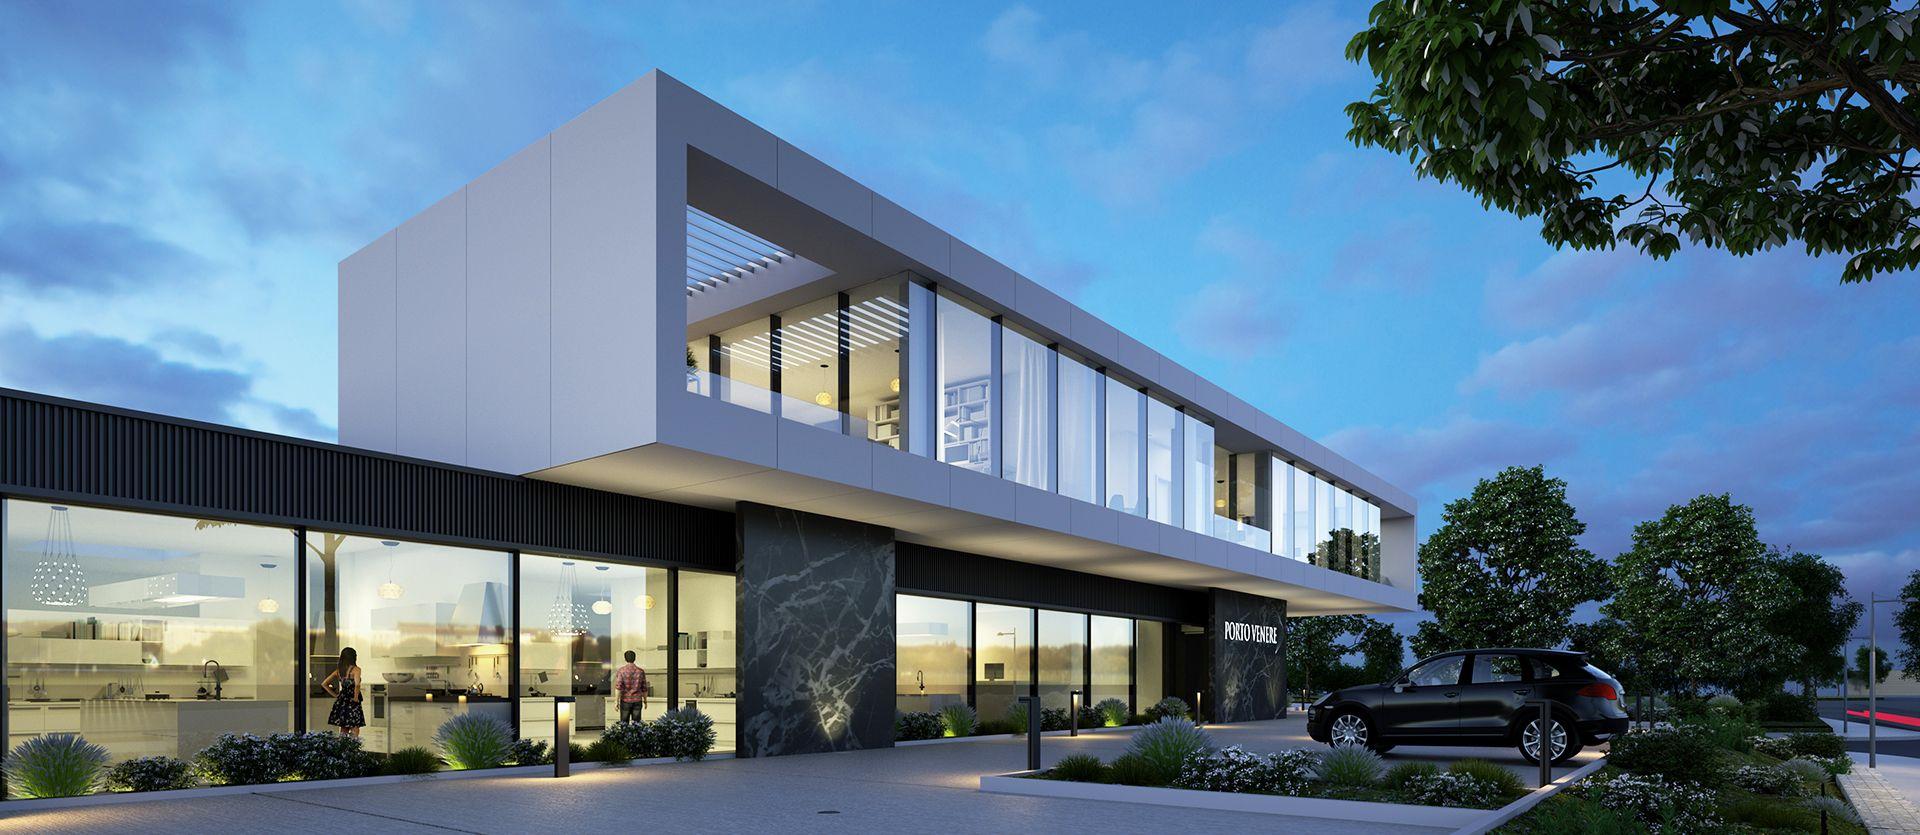 Meuble Salle De Bain Eucalyptus ~ Fic Montpellier Garosud Amazing Fic Montpellier Garosud With Fic